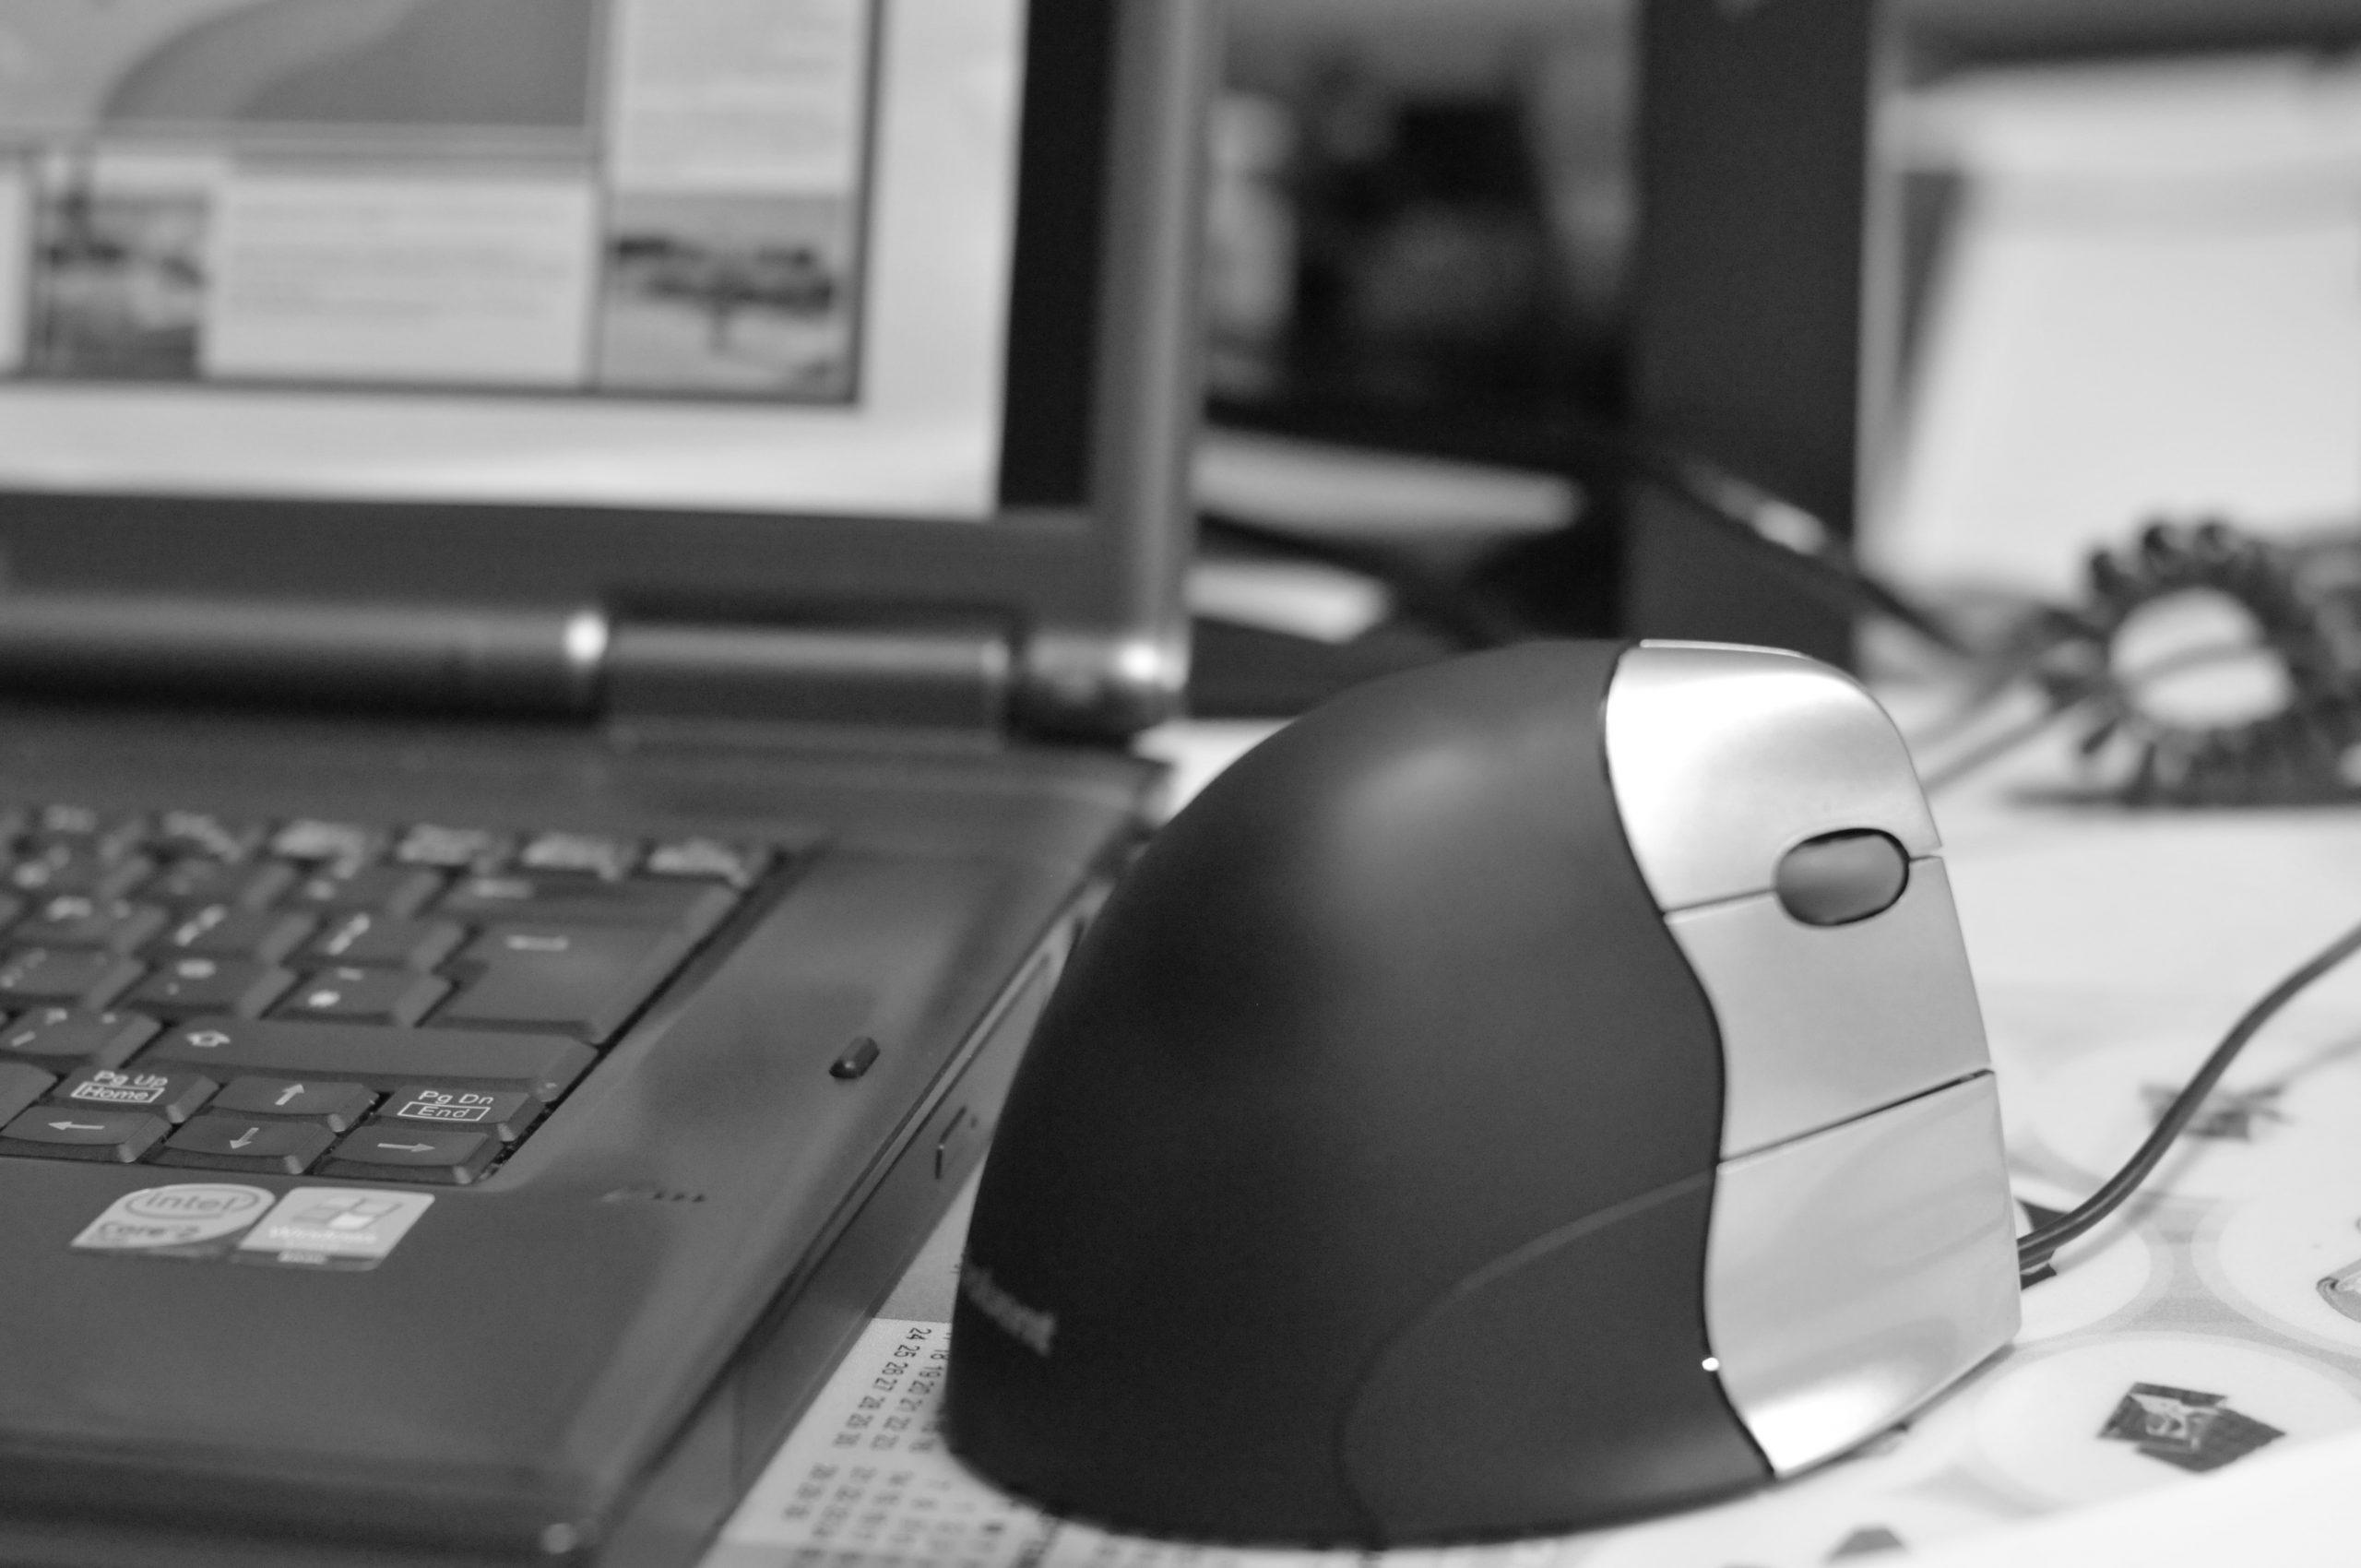 Foto in bianco e nero di un mouse verticale